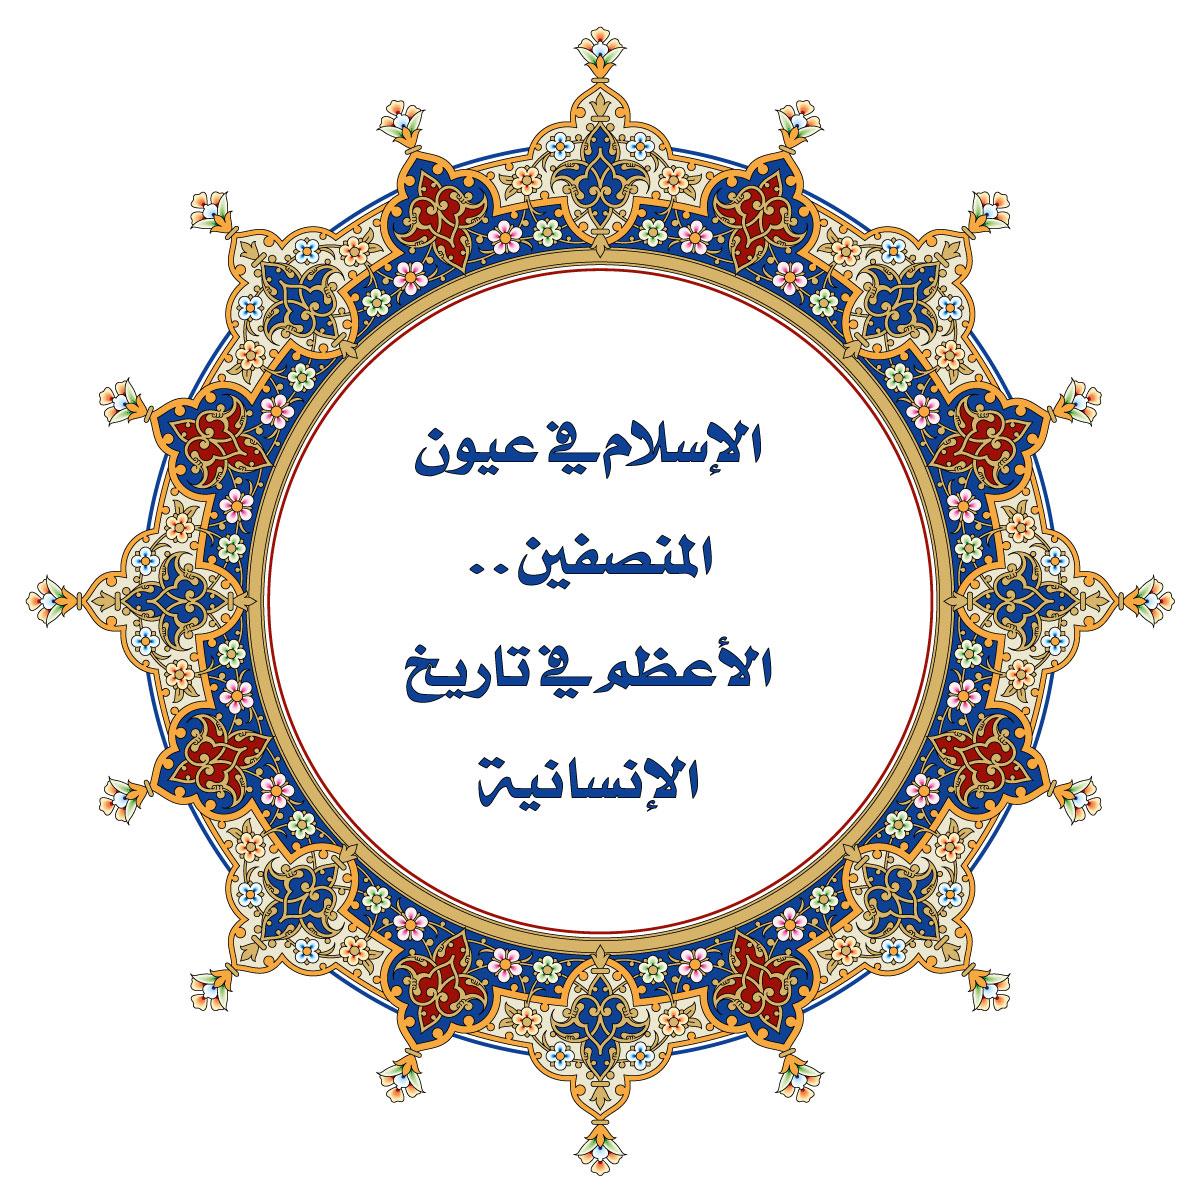 الإسلام في عيون المنصفين.. الأعظم في تاريخ الإنسانية